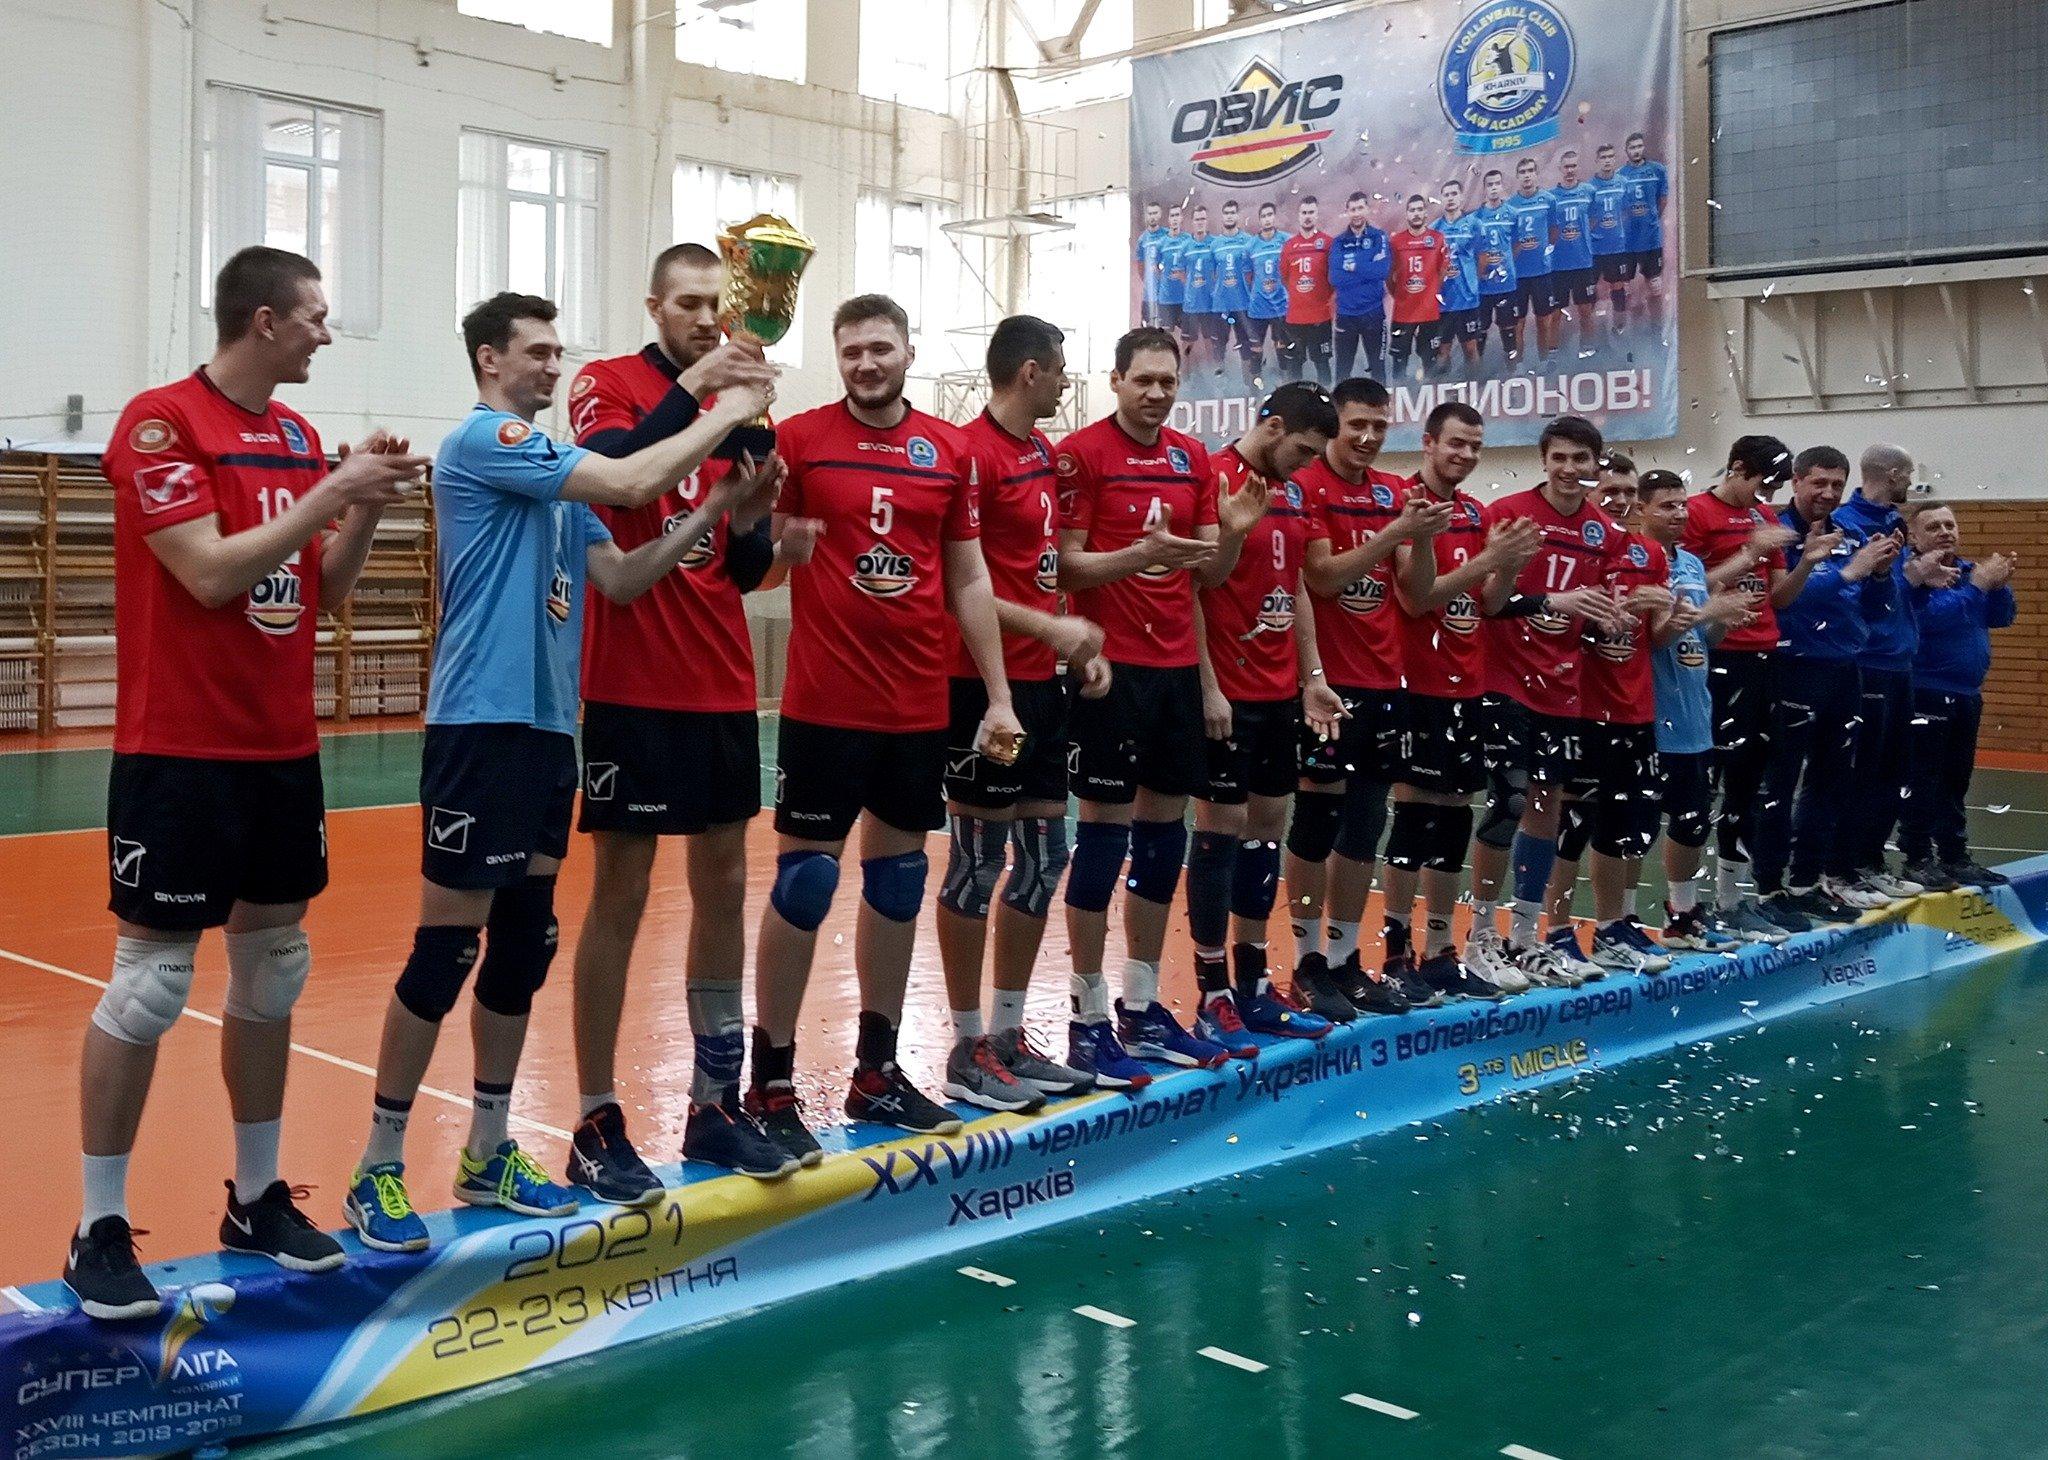 Определились медалисты мужской волейбольной Суперлиги (фото) | Первая Столица Харьков